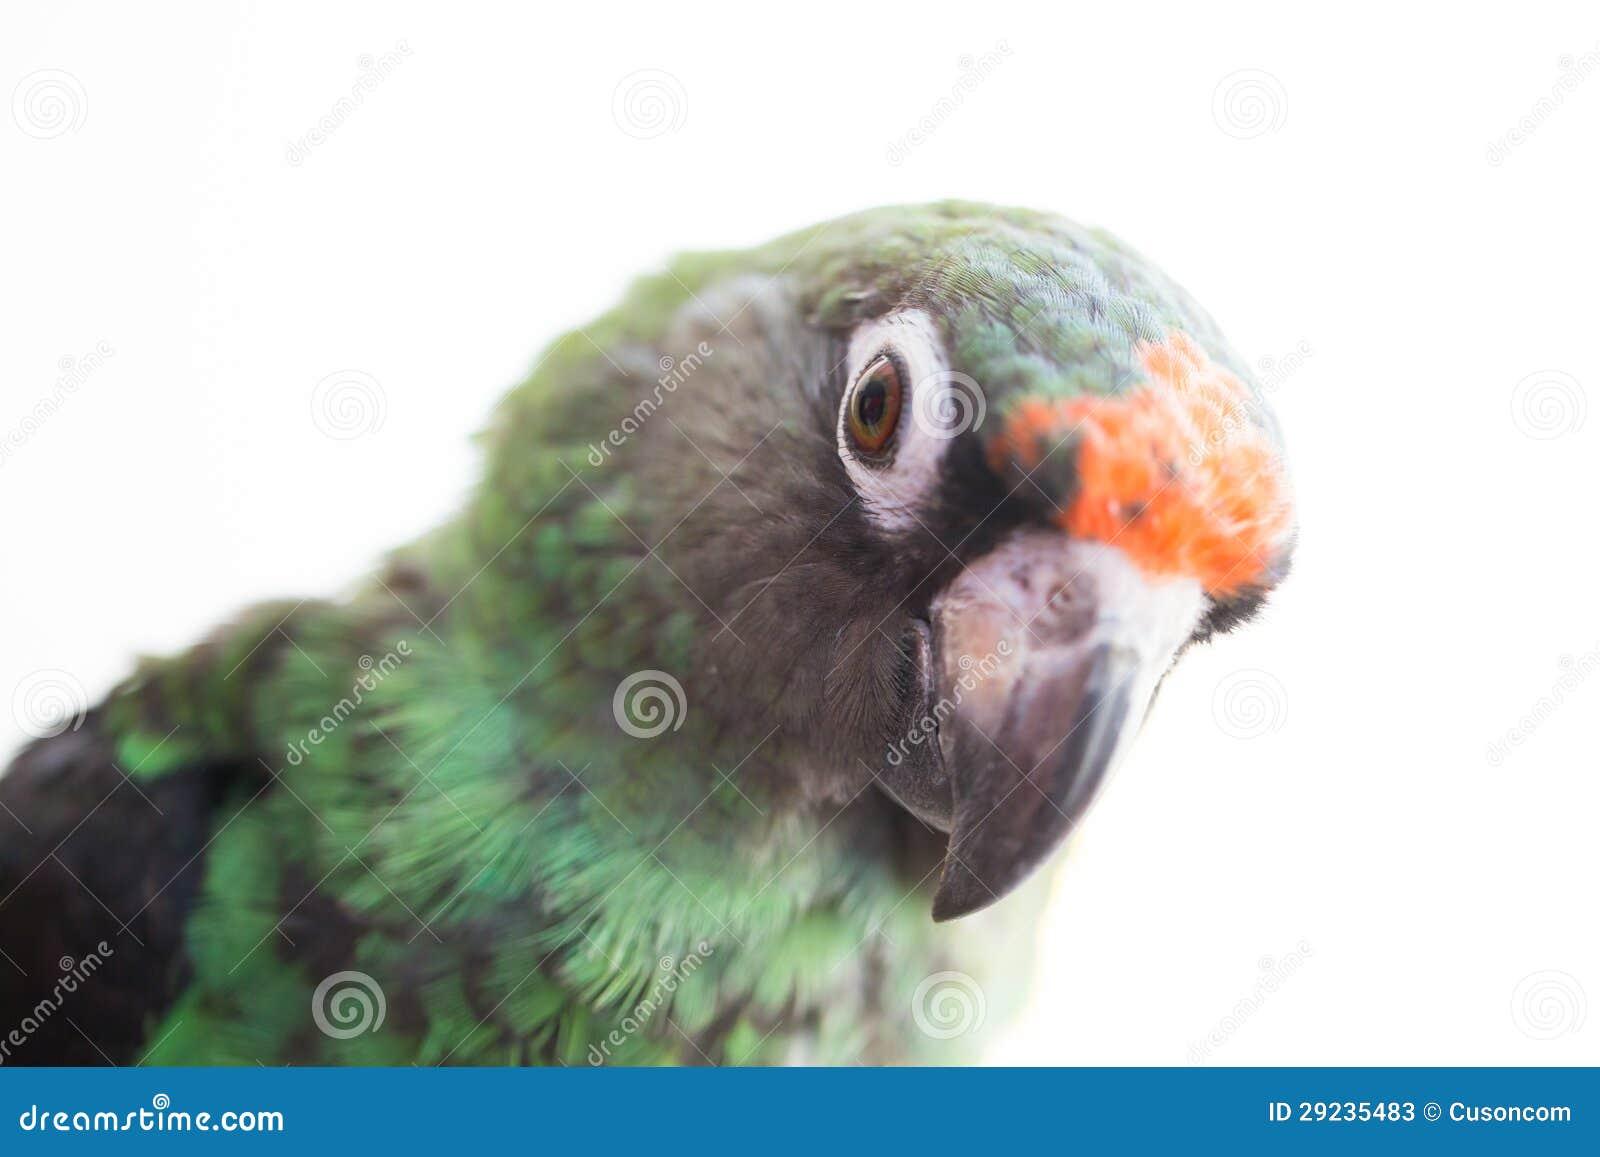 Download Papagaio de Jardine imagem de stock. Imagem de tropical - 29235483